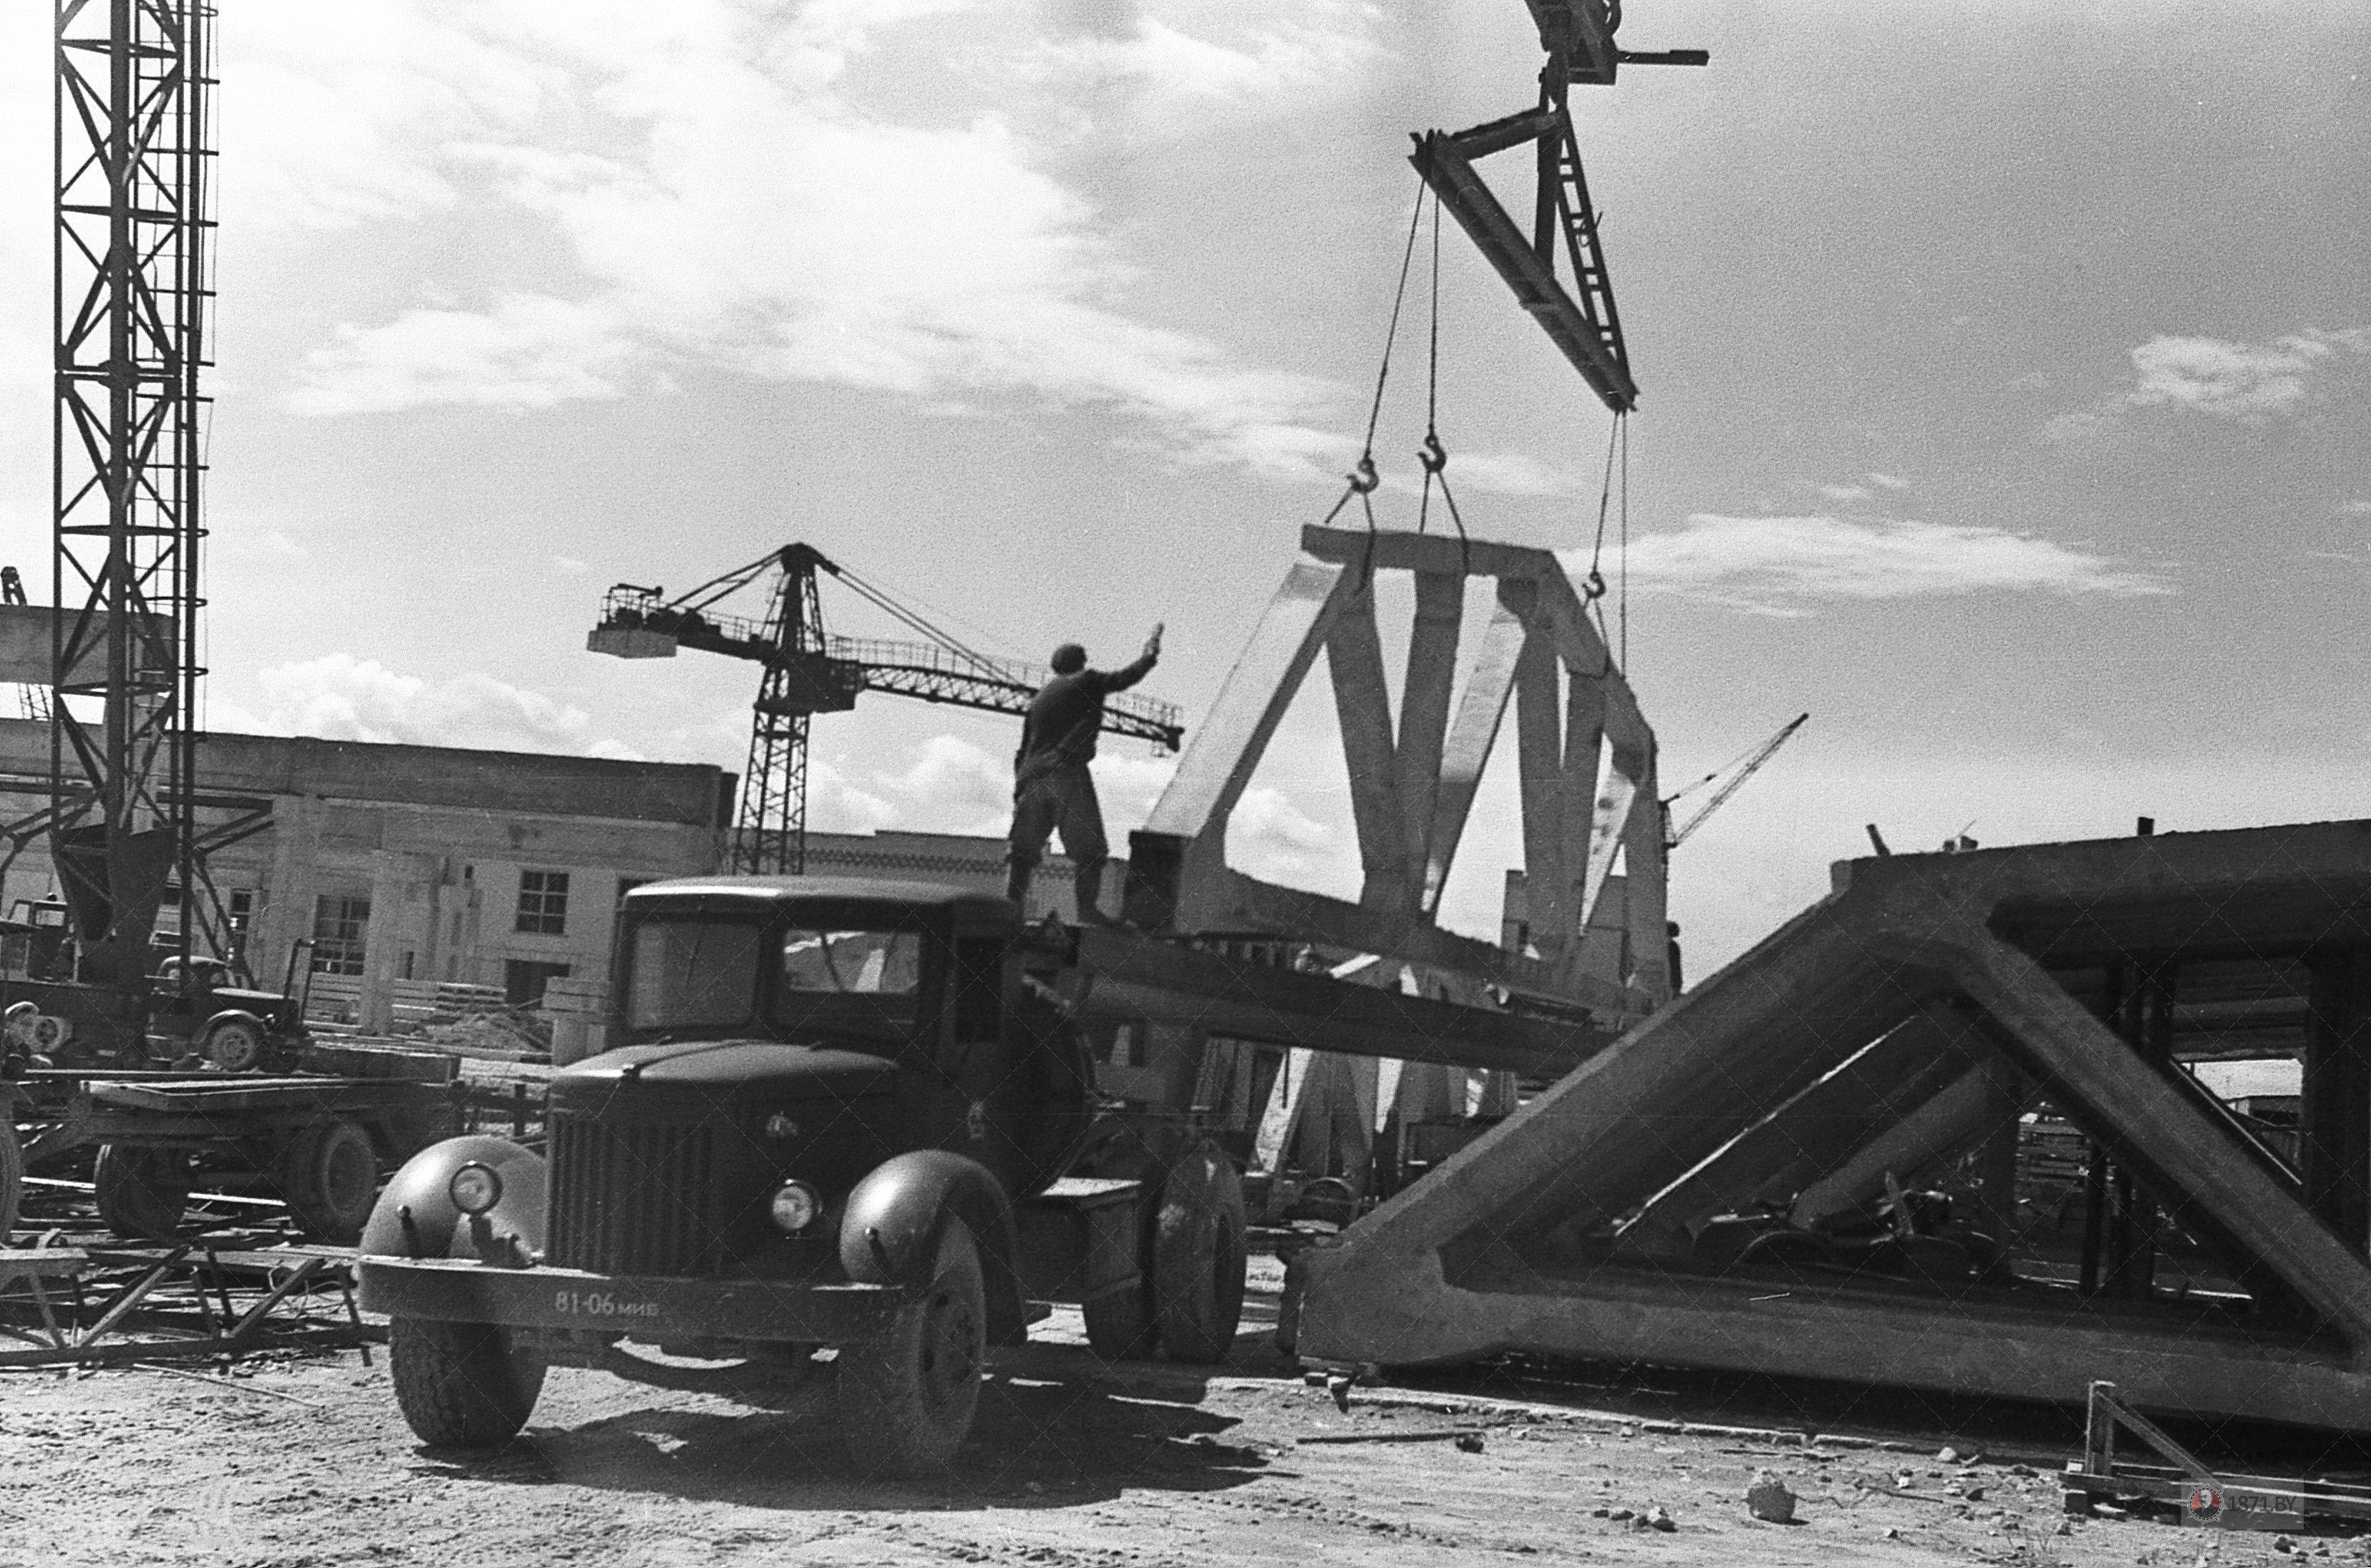 1964 год. Предприятие обеспечивает поставки сложных конструкций на сооружение хлопчатобумажного комбината.